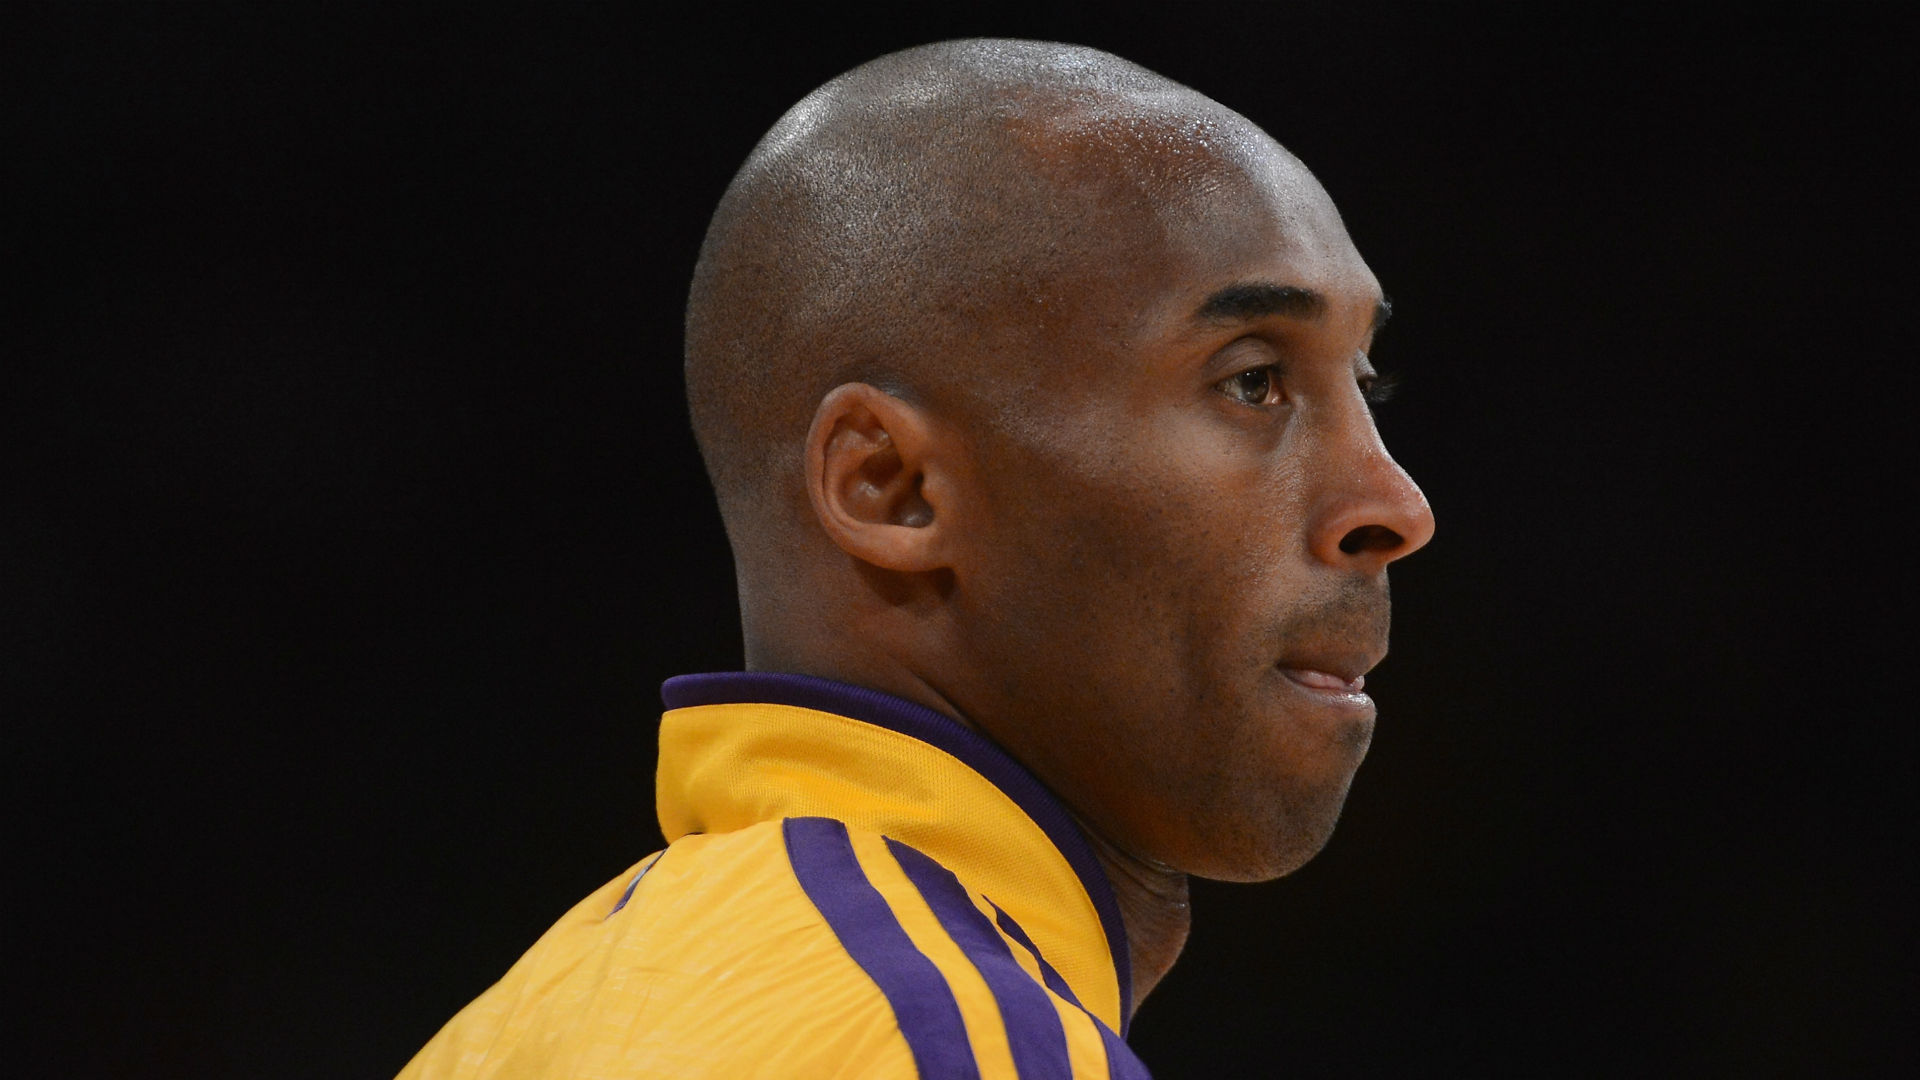 Según los informes, Kobe Bryant muere en un accidente de helicóptero 2